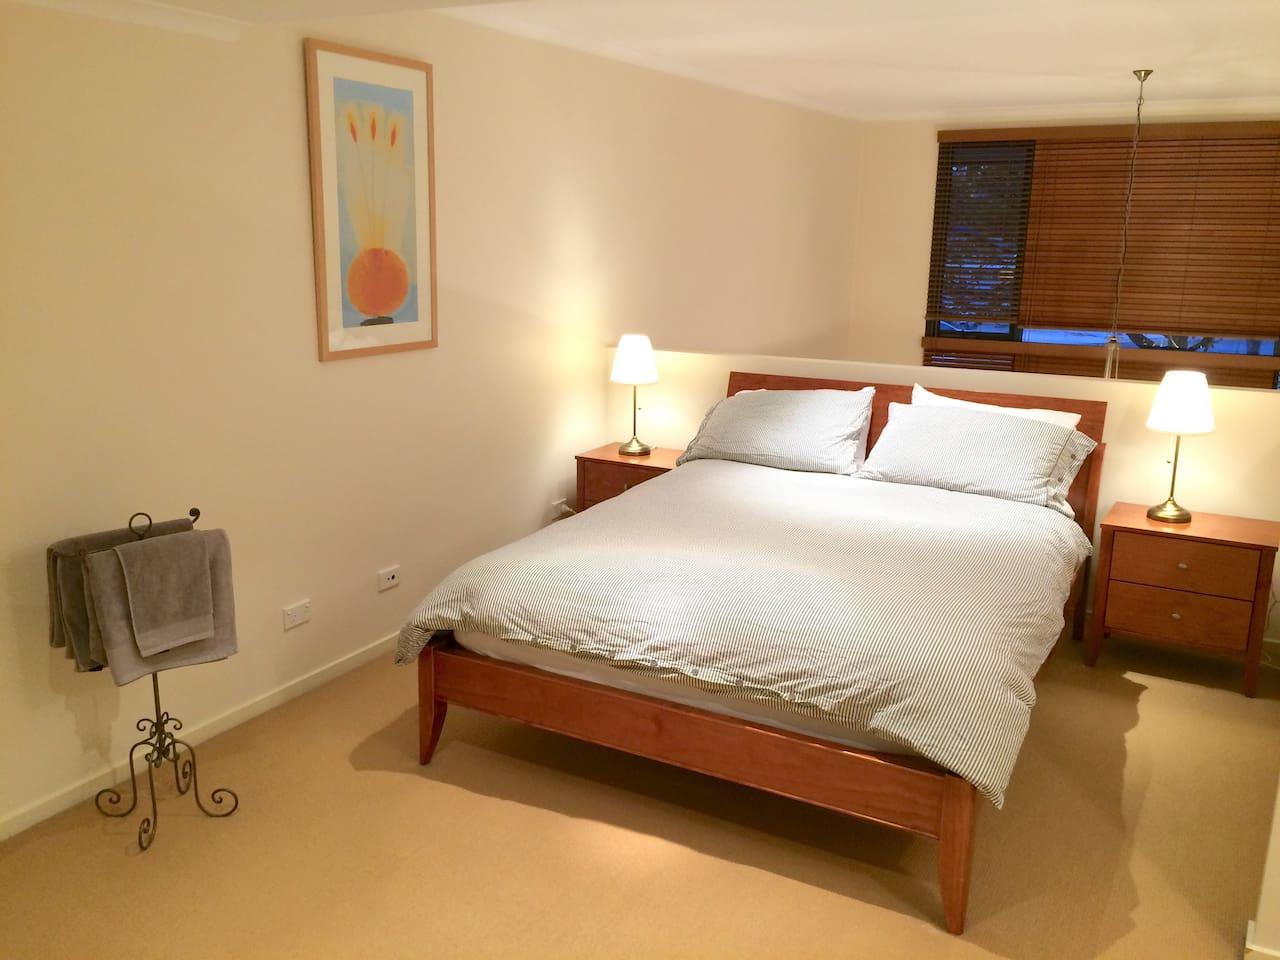 Upstairs Loft Bedroom - Queen Size Bed